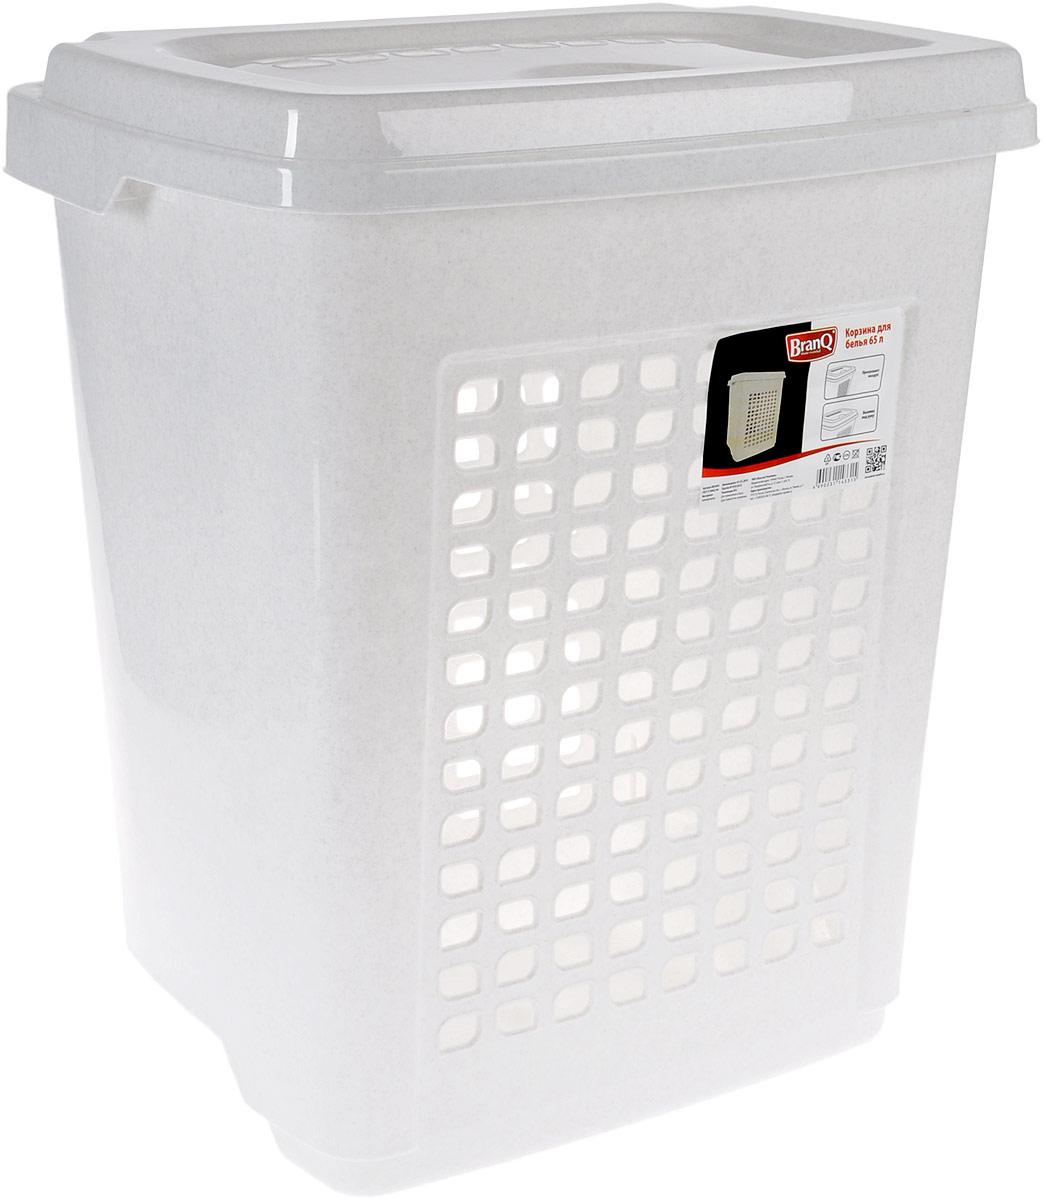 Корзина для белья BranQ, цвет: мраморный, 65 лBQ1694МРКорзина для белья BranQ изготовлена из прочного пластика и оформлена перфорированными отверстиями, благодаря которым обеспечивается естественная вентиляция. Корзина оснащена крышкой, на которой имеется выемка для удобного открывания. Такая корзина для белья прекрасно впишется в интерьер ванной комнаты.